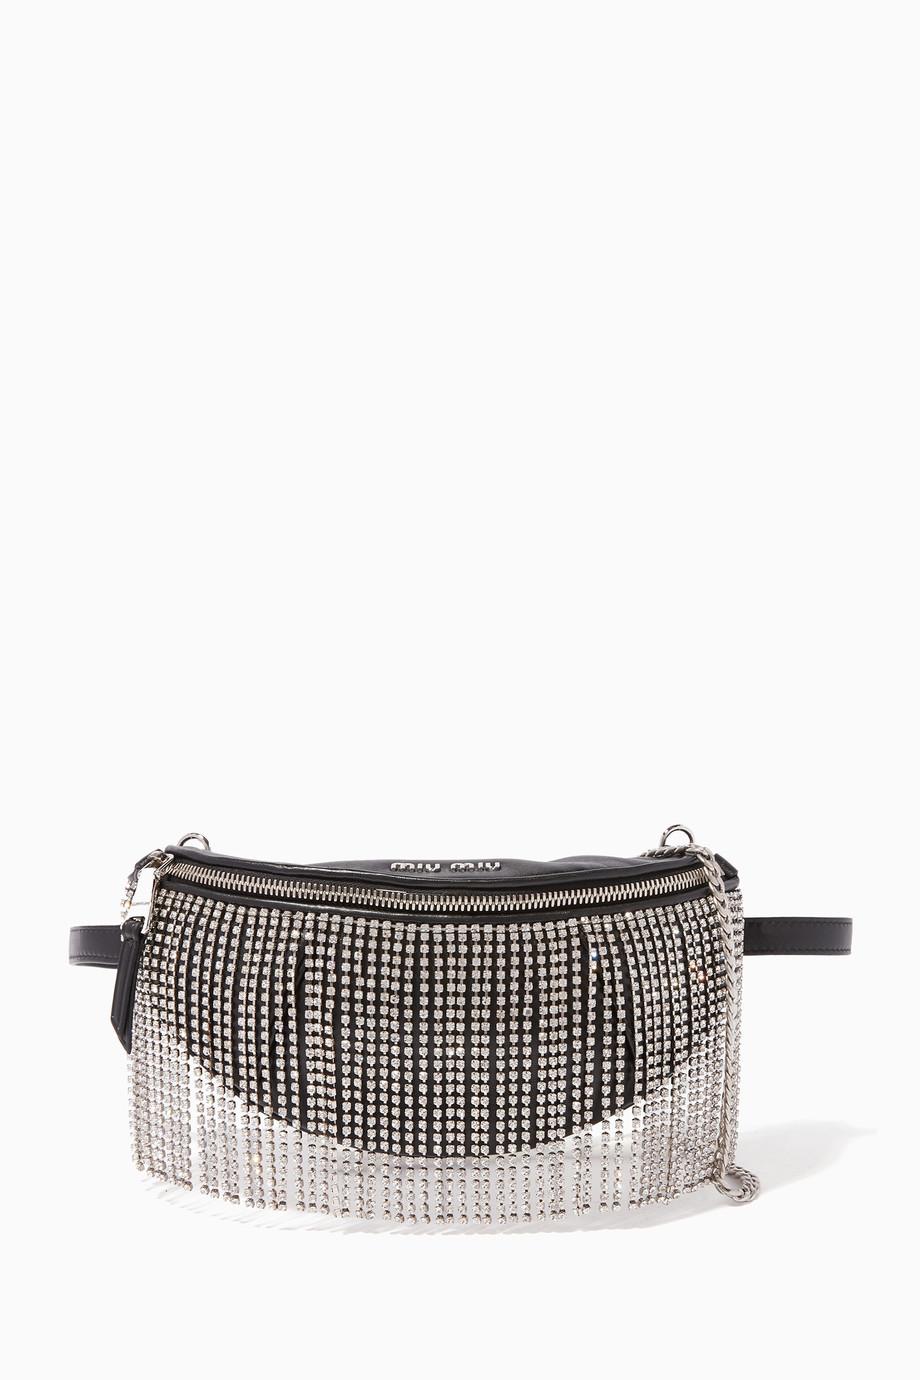 25f74770e35 Shop Miu Miu Black Black Crystal-Embellished Fringe Belt Bag for ...